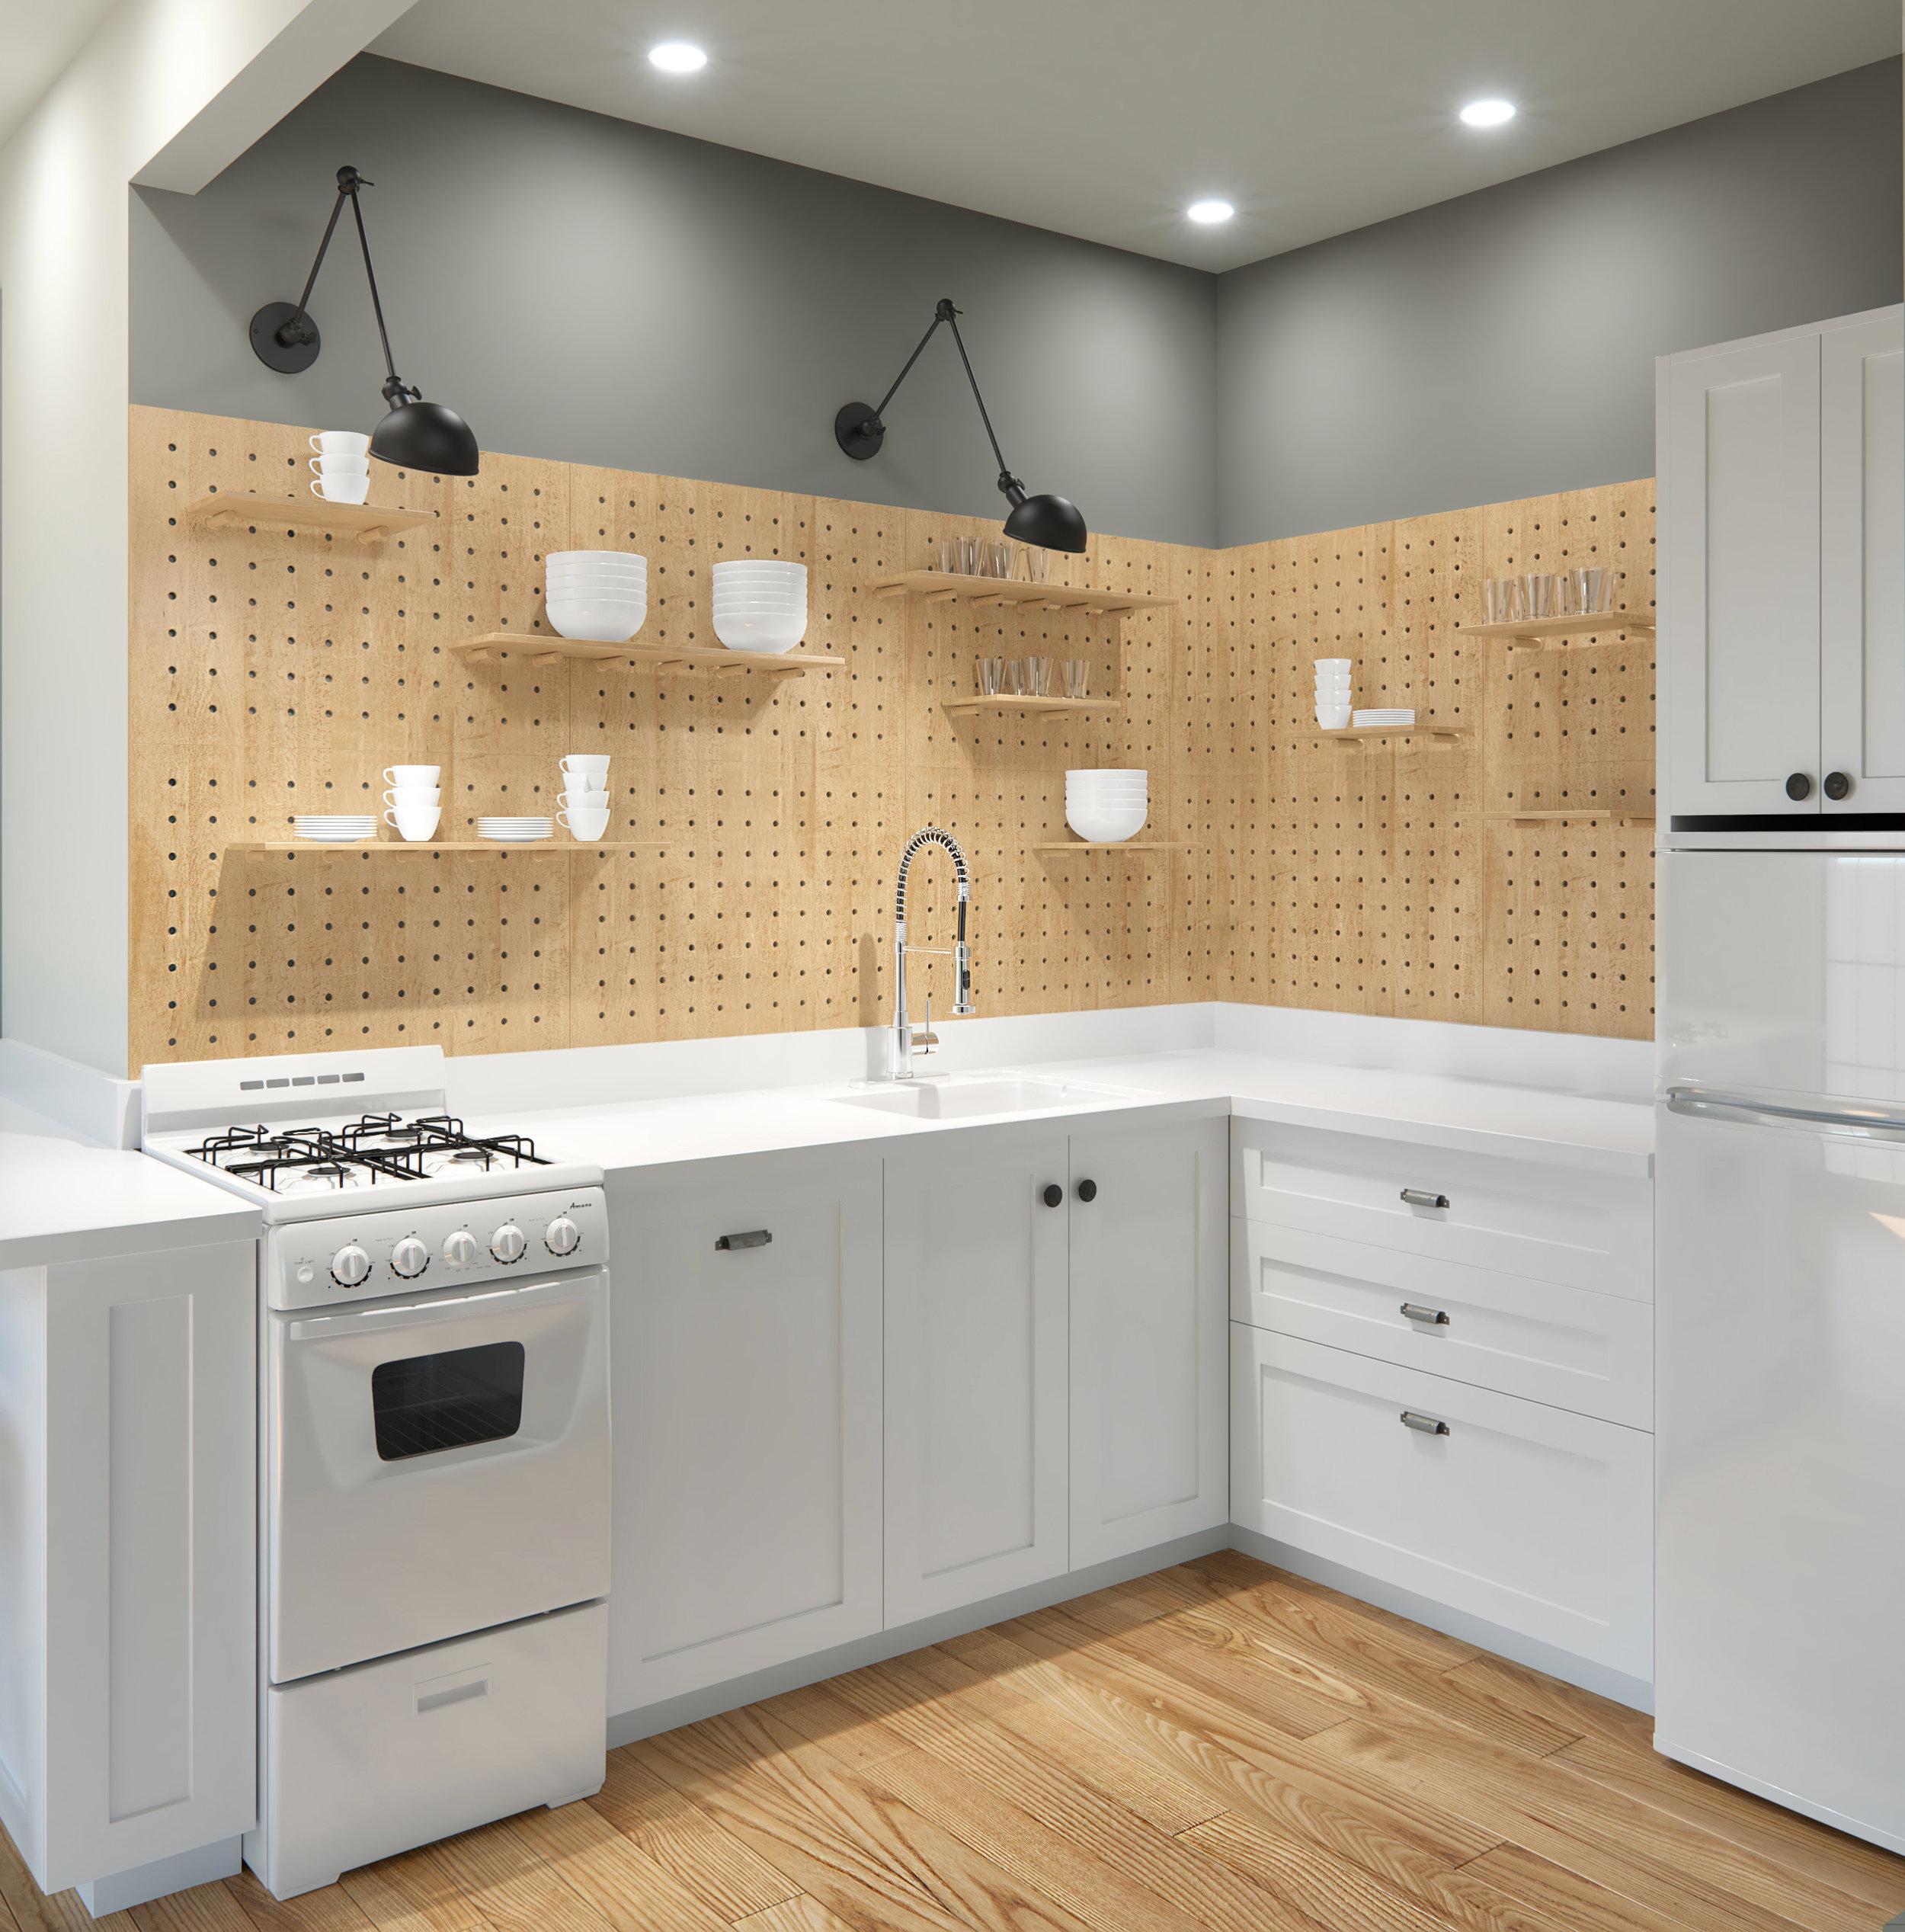 17_1205 Broadway Kitchen 6.jpg